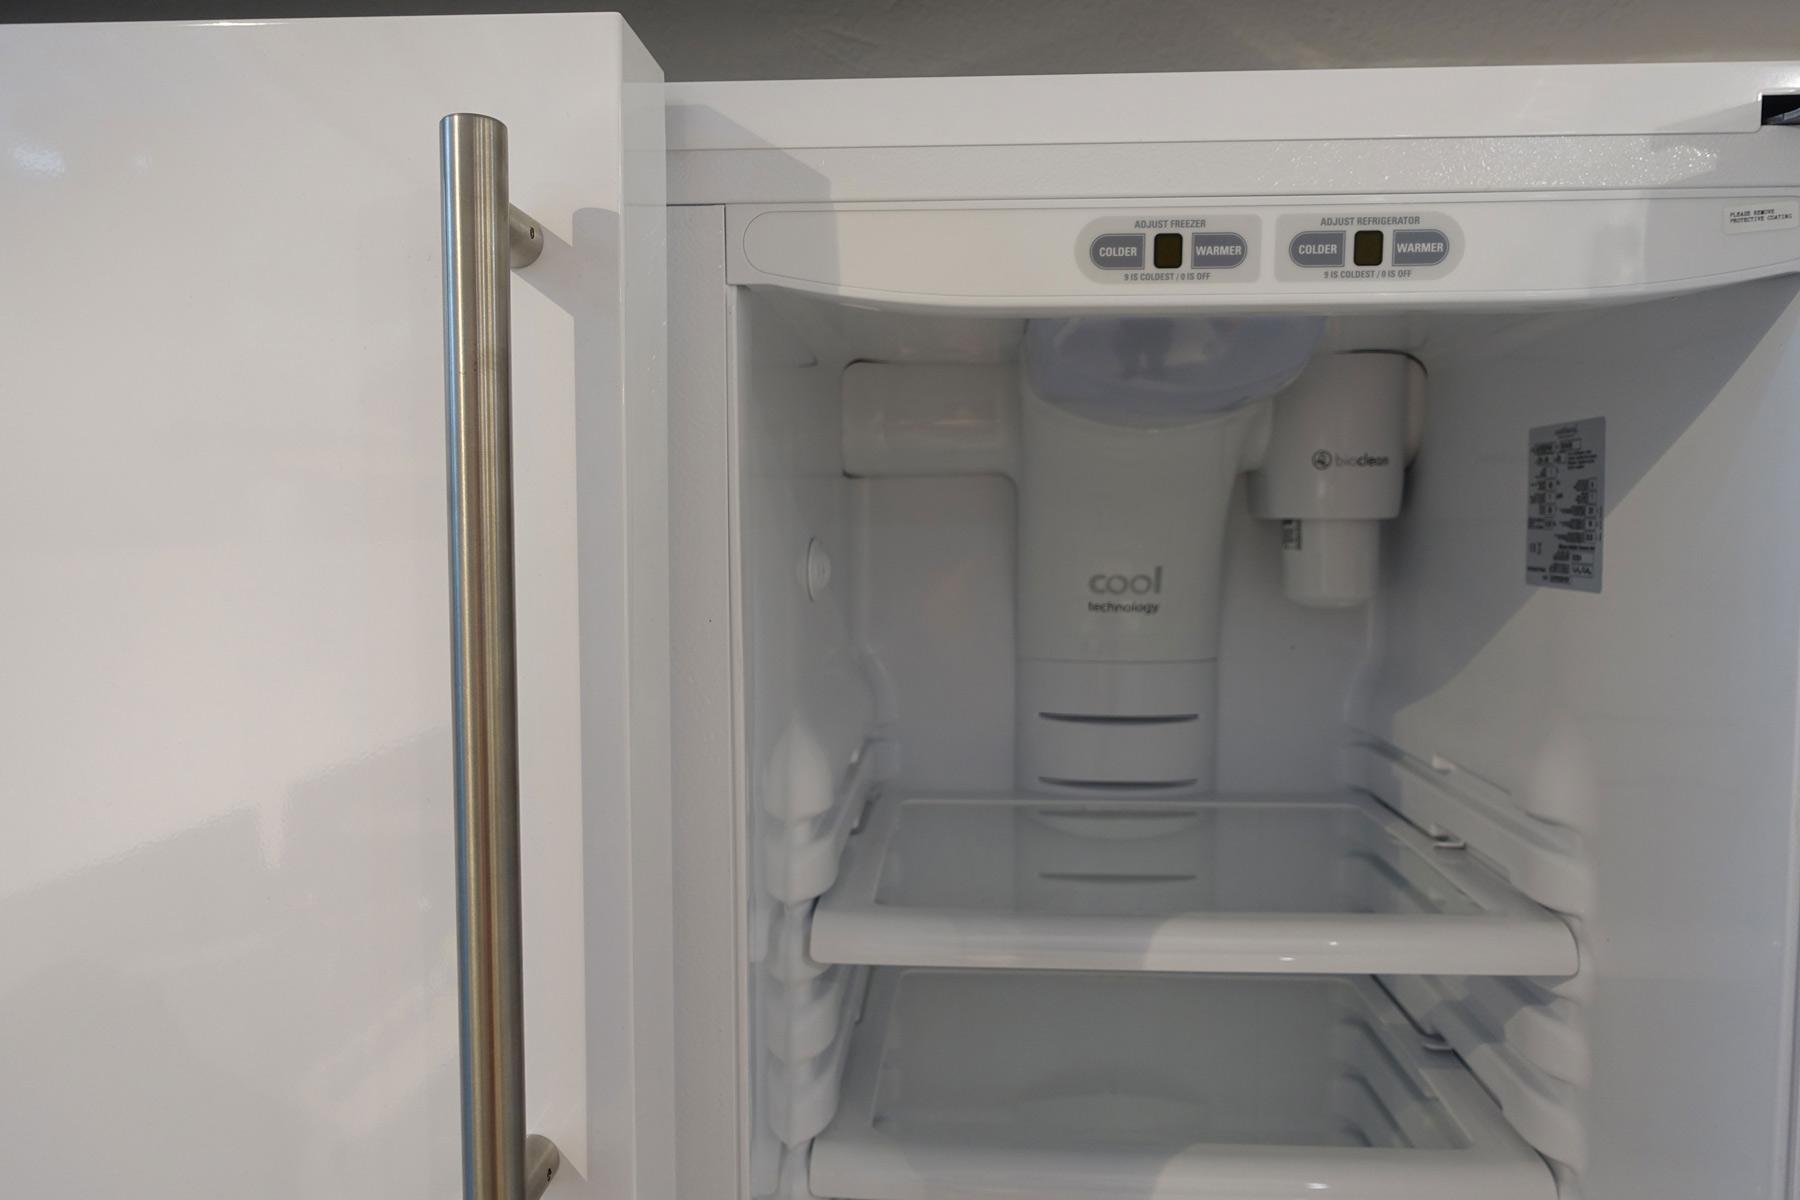 Side By Side Kühlschrank 70 Cm Breit : O f classic side by side kühlschrank mit dispenser welter